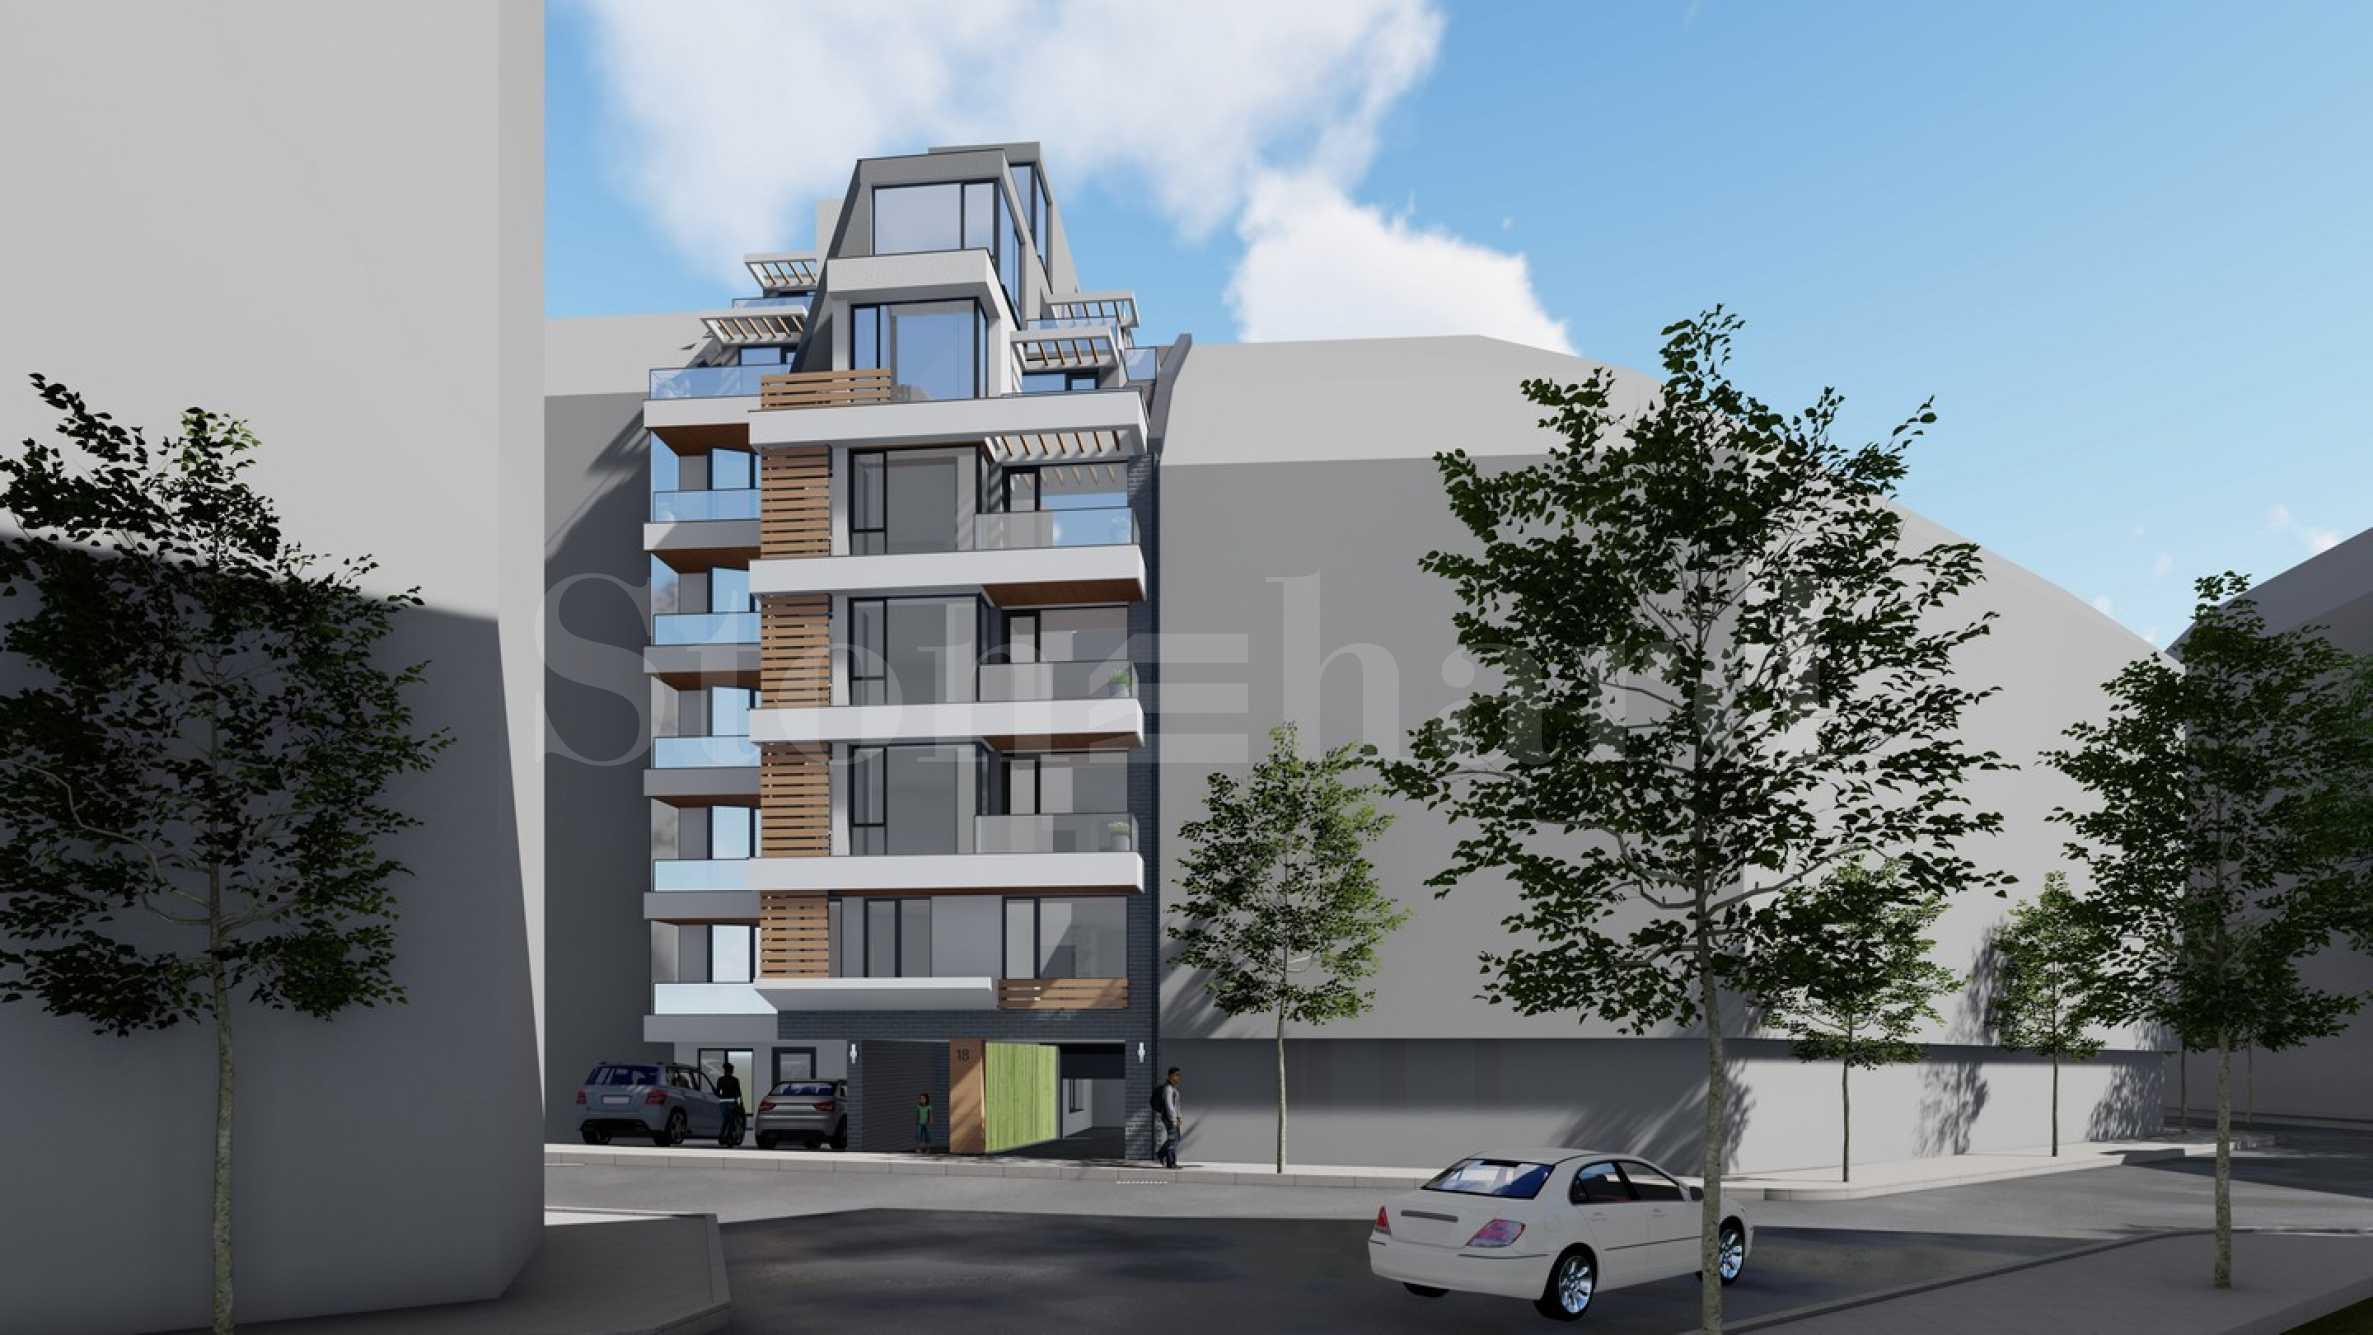 Апартаменти ново строителство до LIDL и Окръжна болница1 - Stonehard